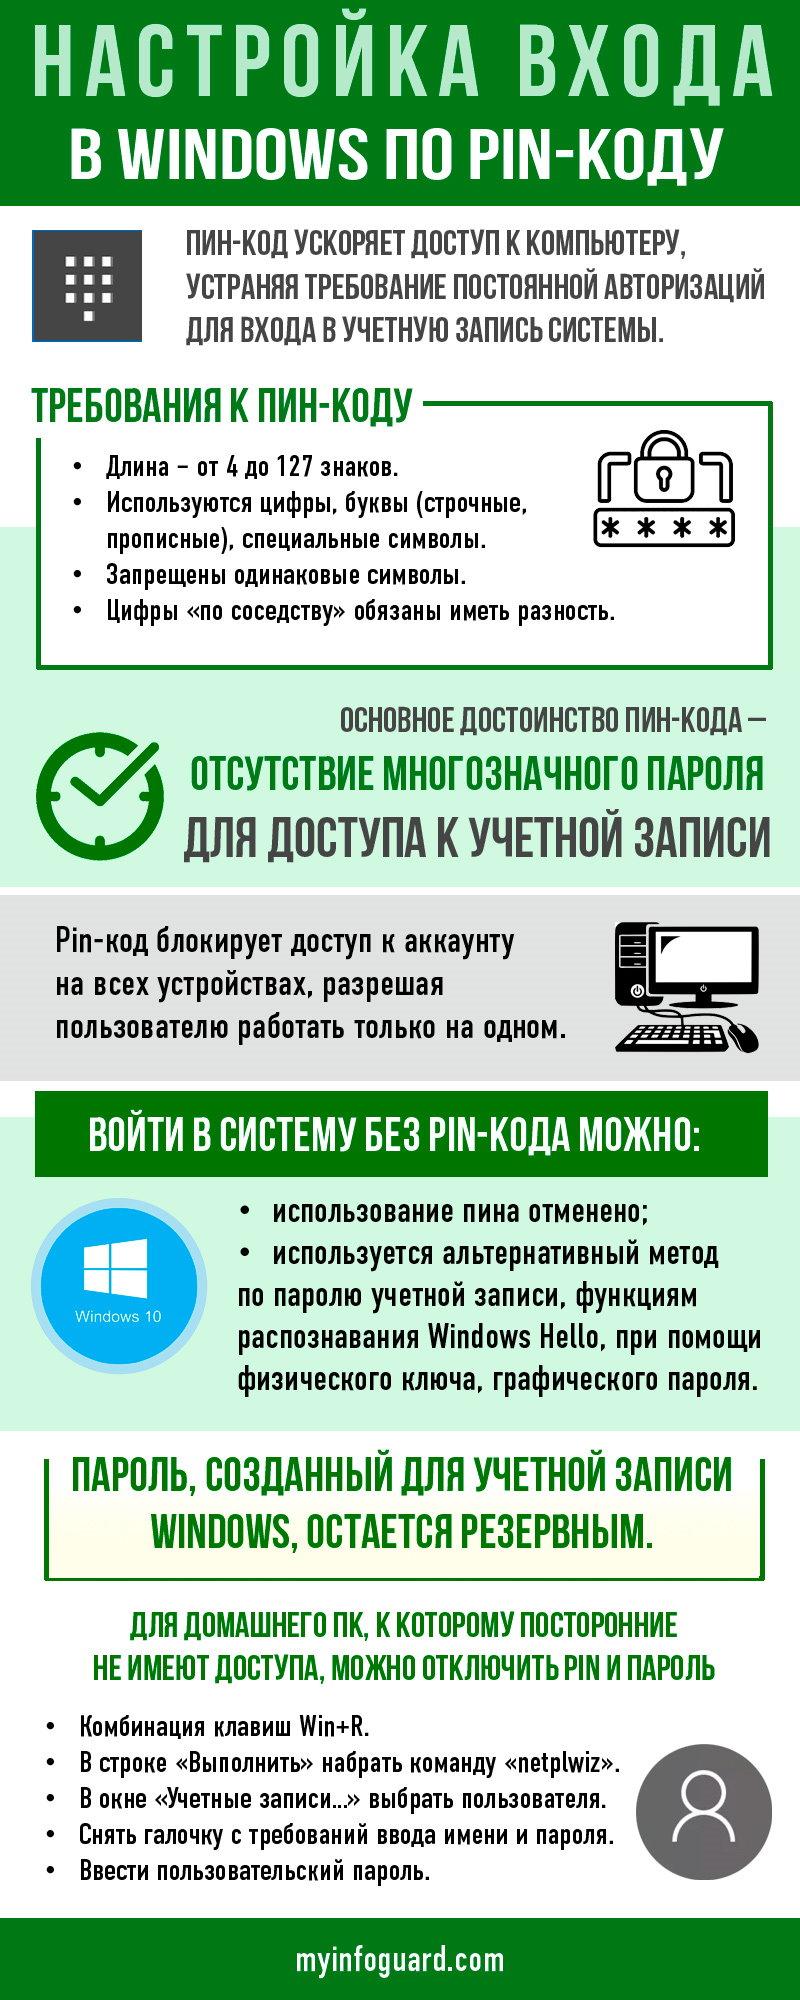 Вход в Windows по ПИН-коду